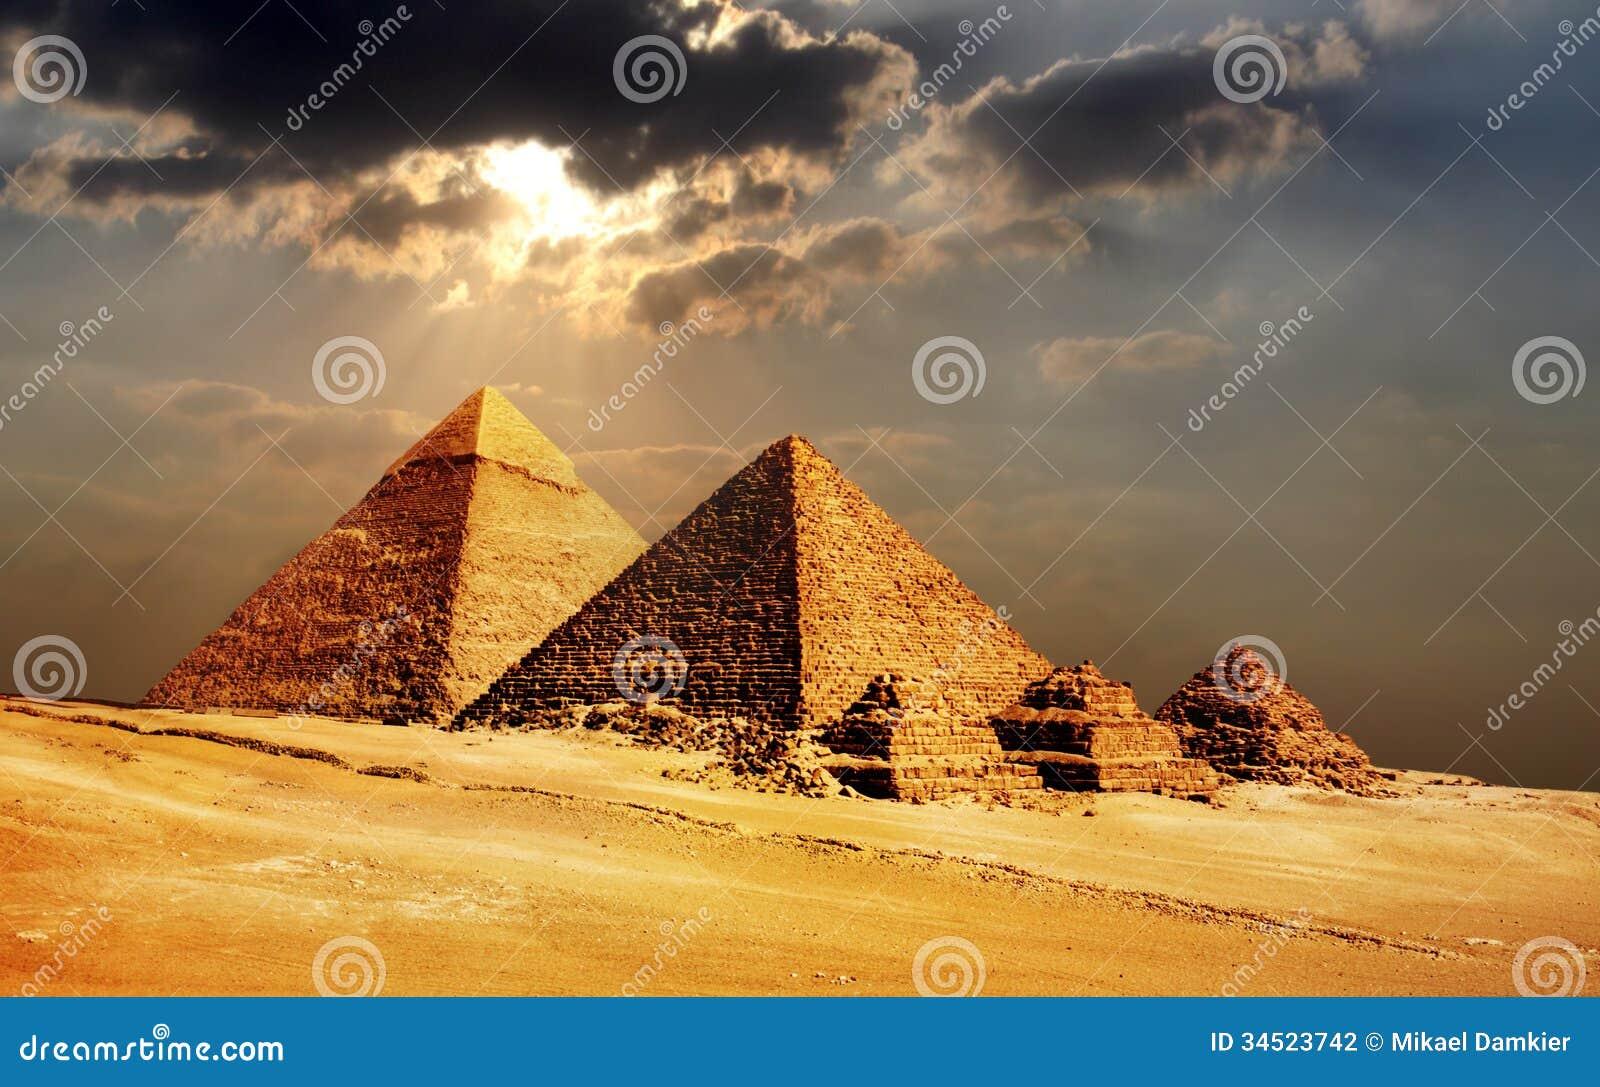 Pyramides de Gizeh, le Caire, Egypte